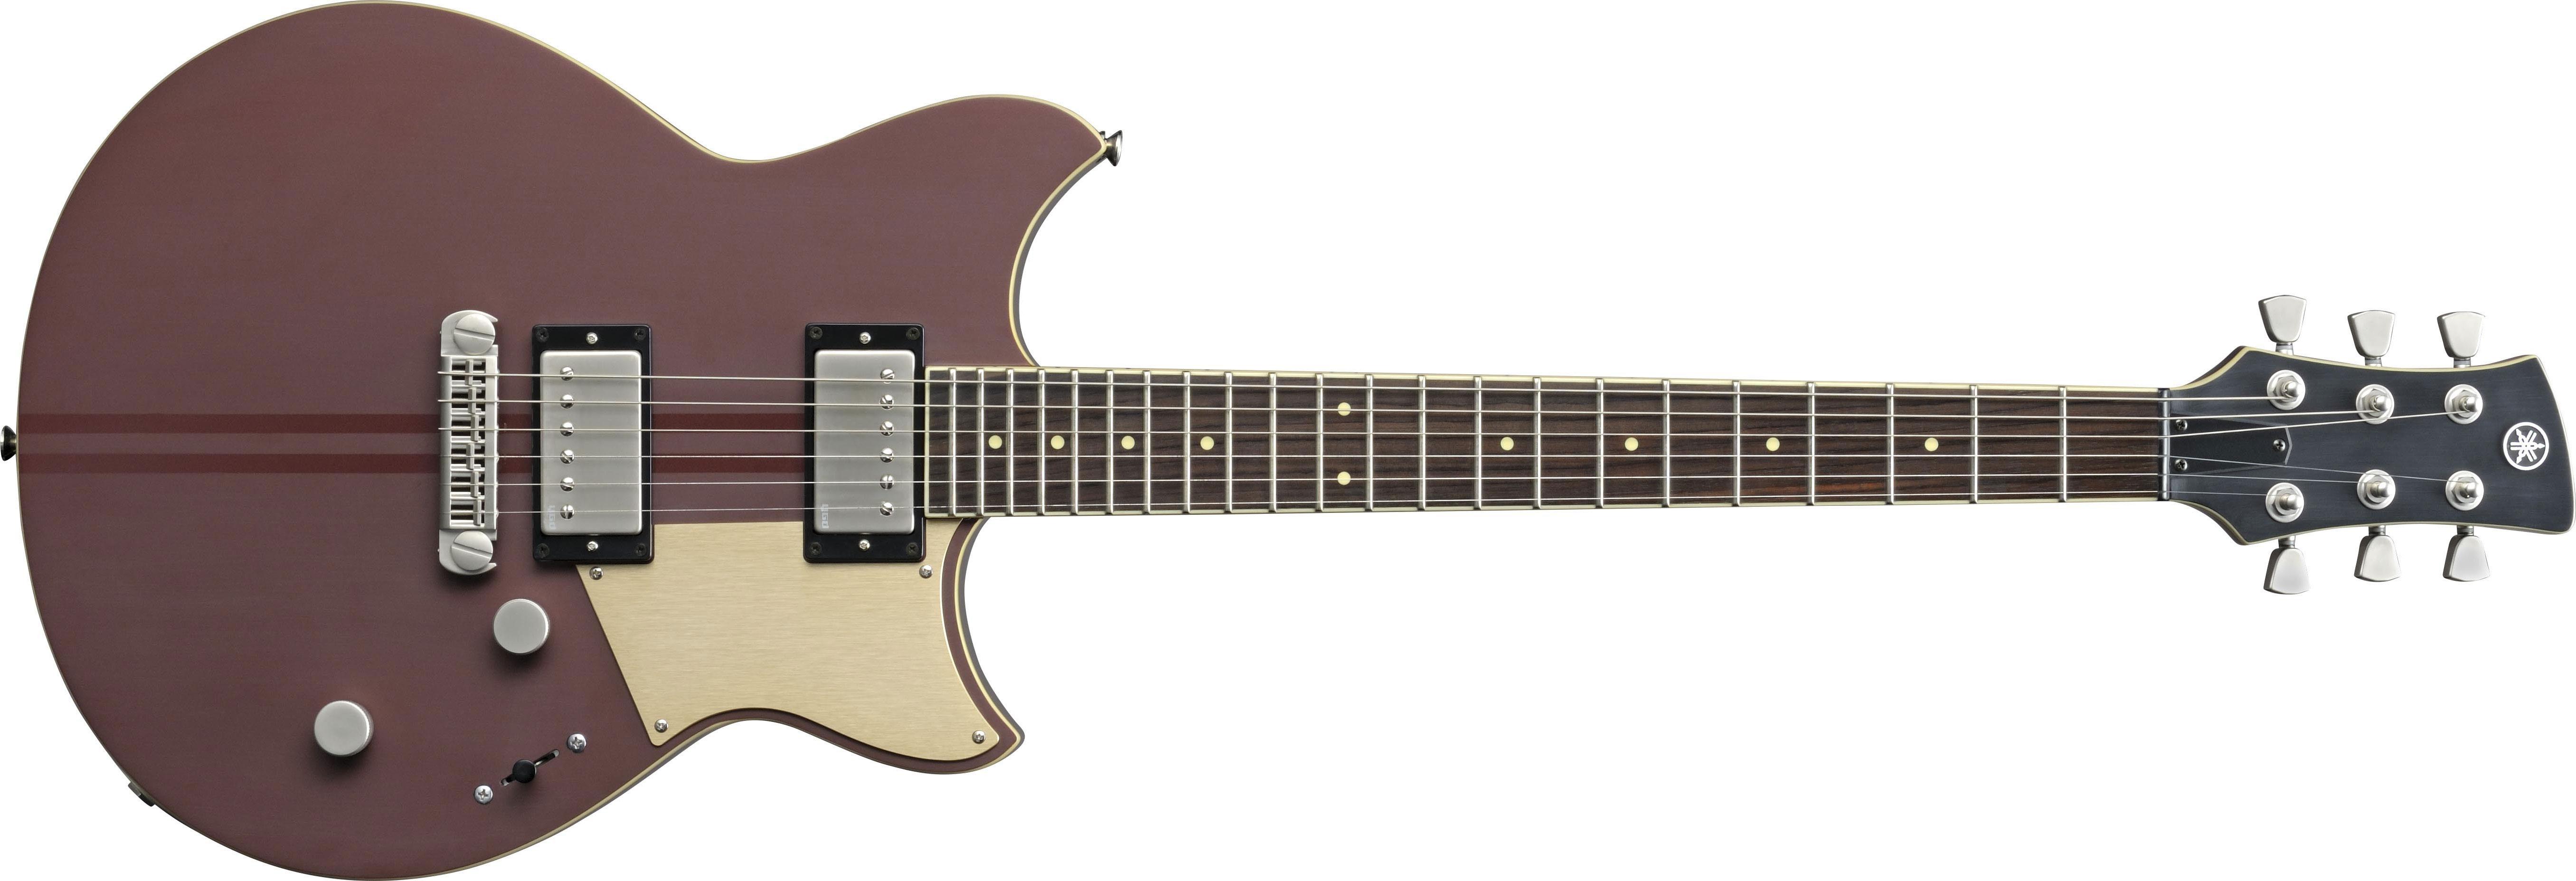 guitare electrique yamaha aes 820